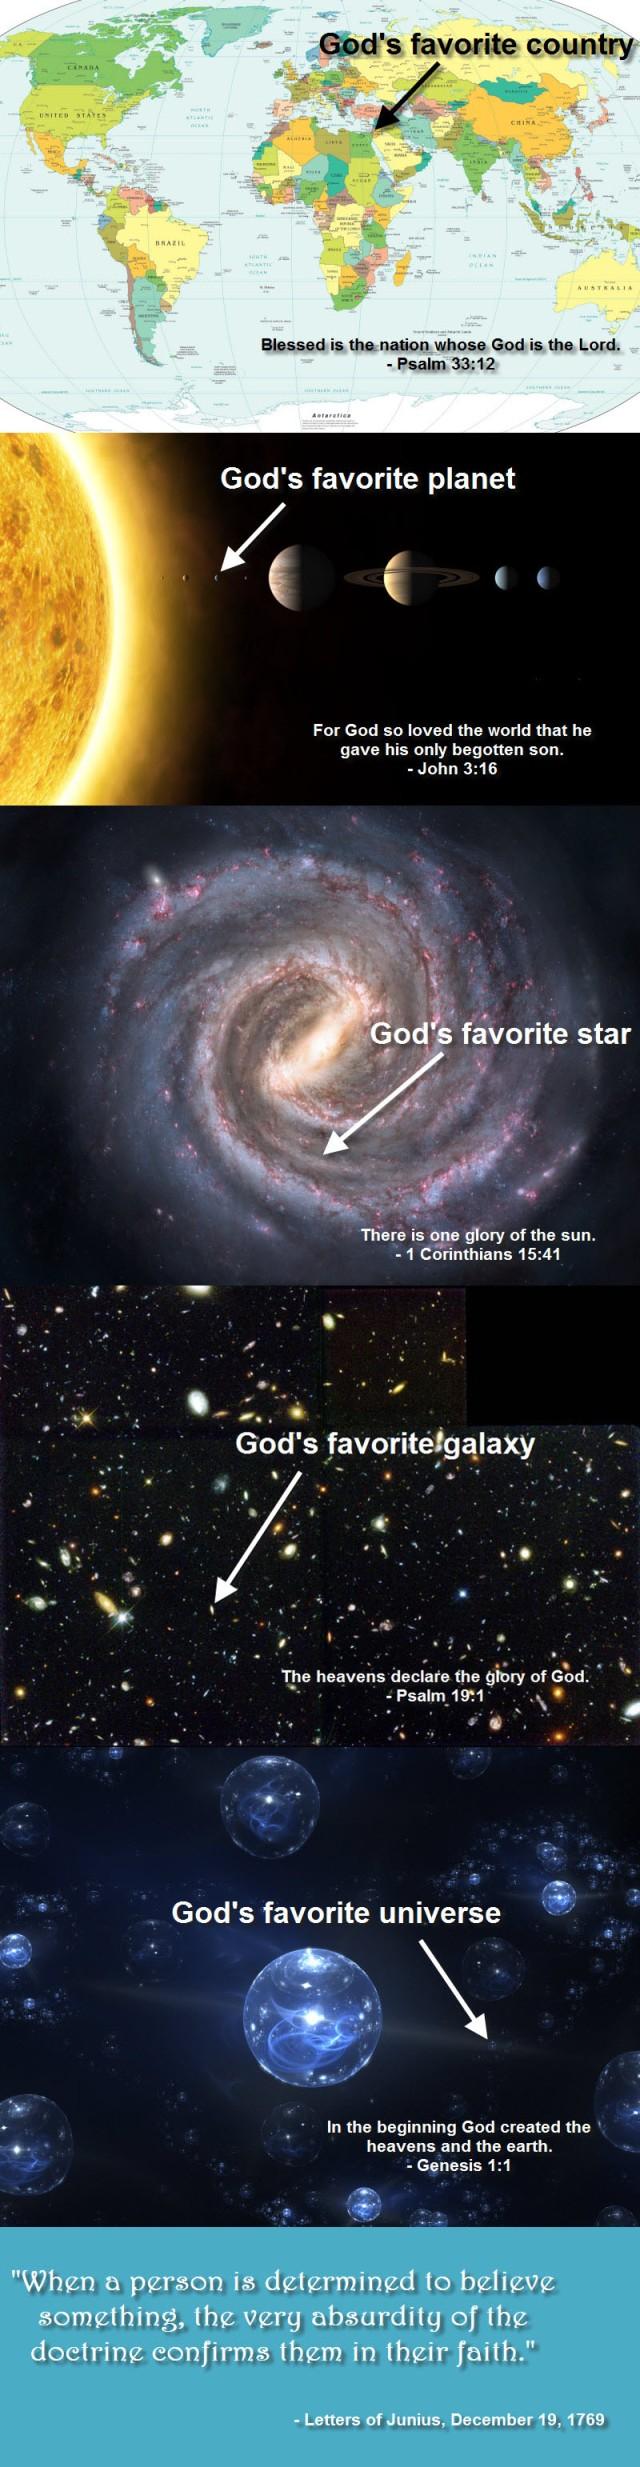 ulubione rzeczy boga co lubi bóg gdzie bóg lubi przebywać